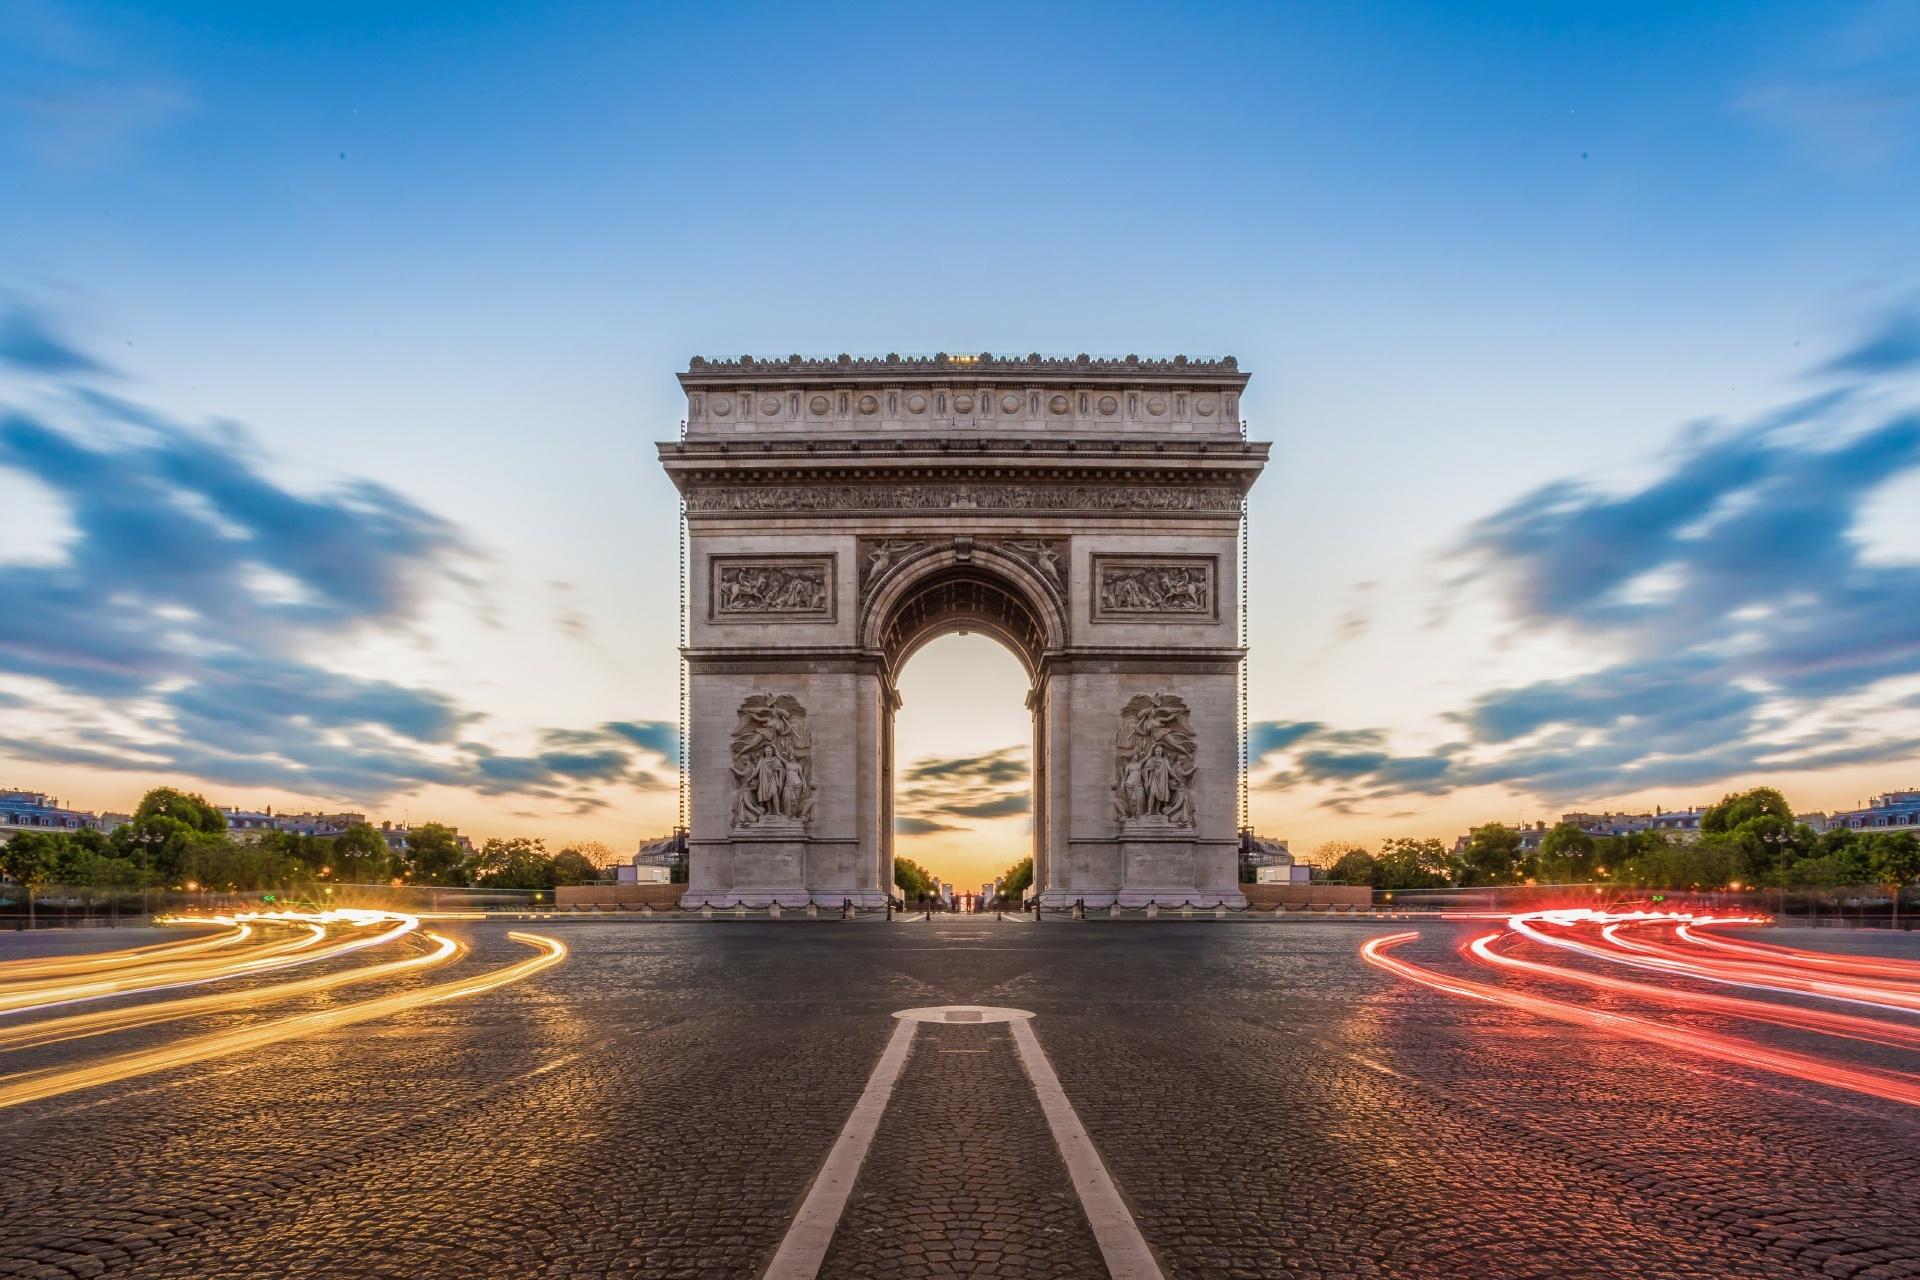 パリ 夕暮れ時のシャンゼリゼ フランスの風景